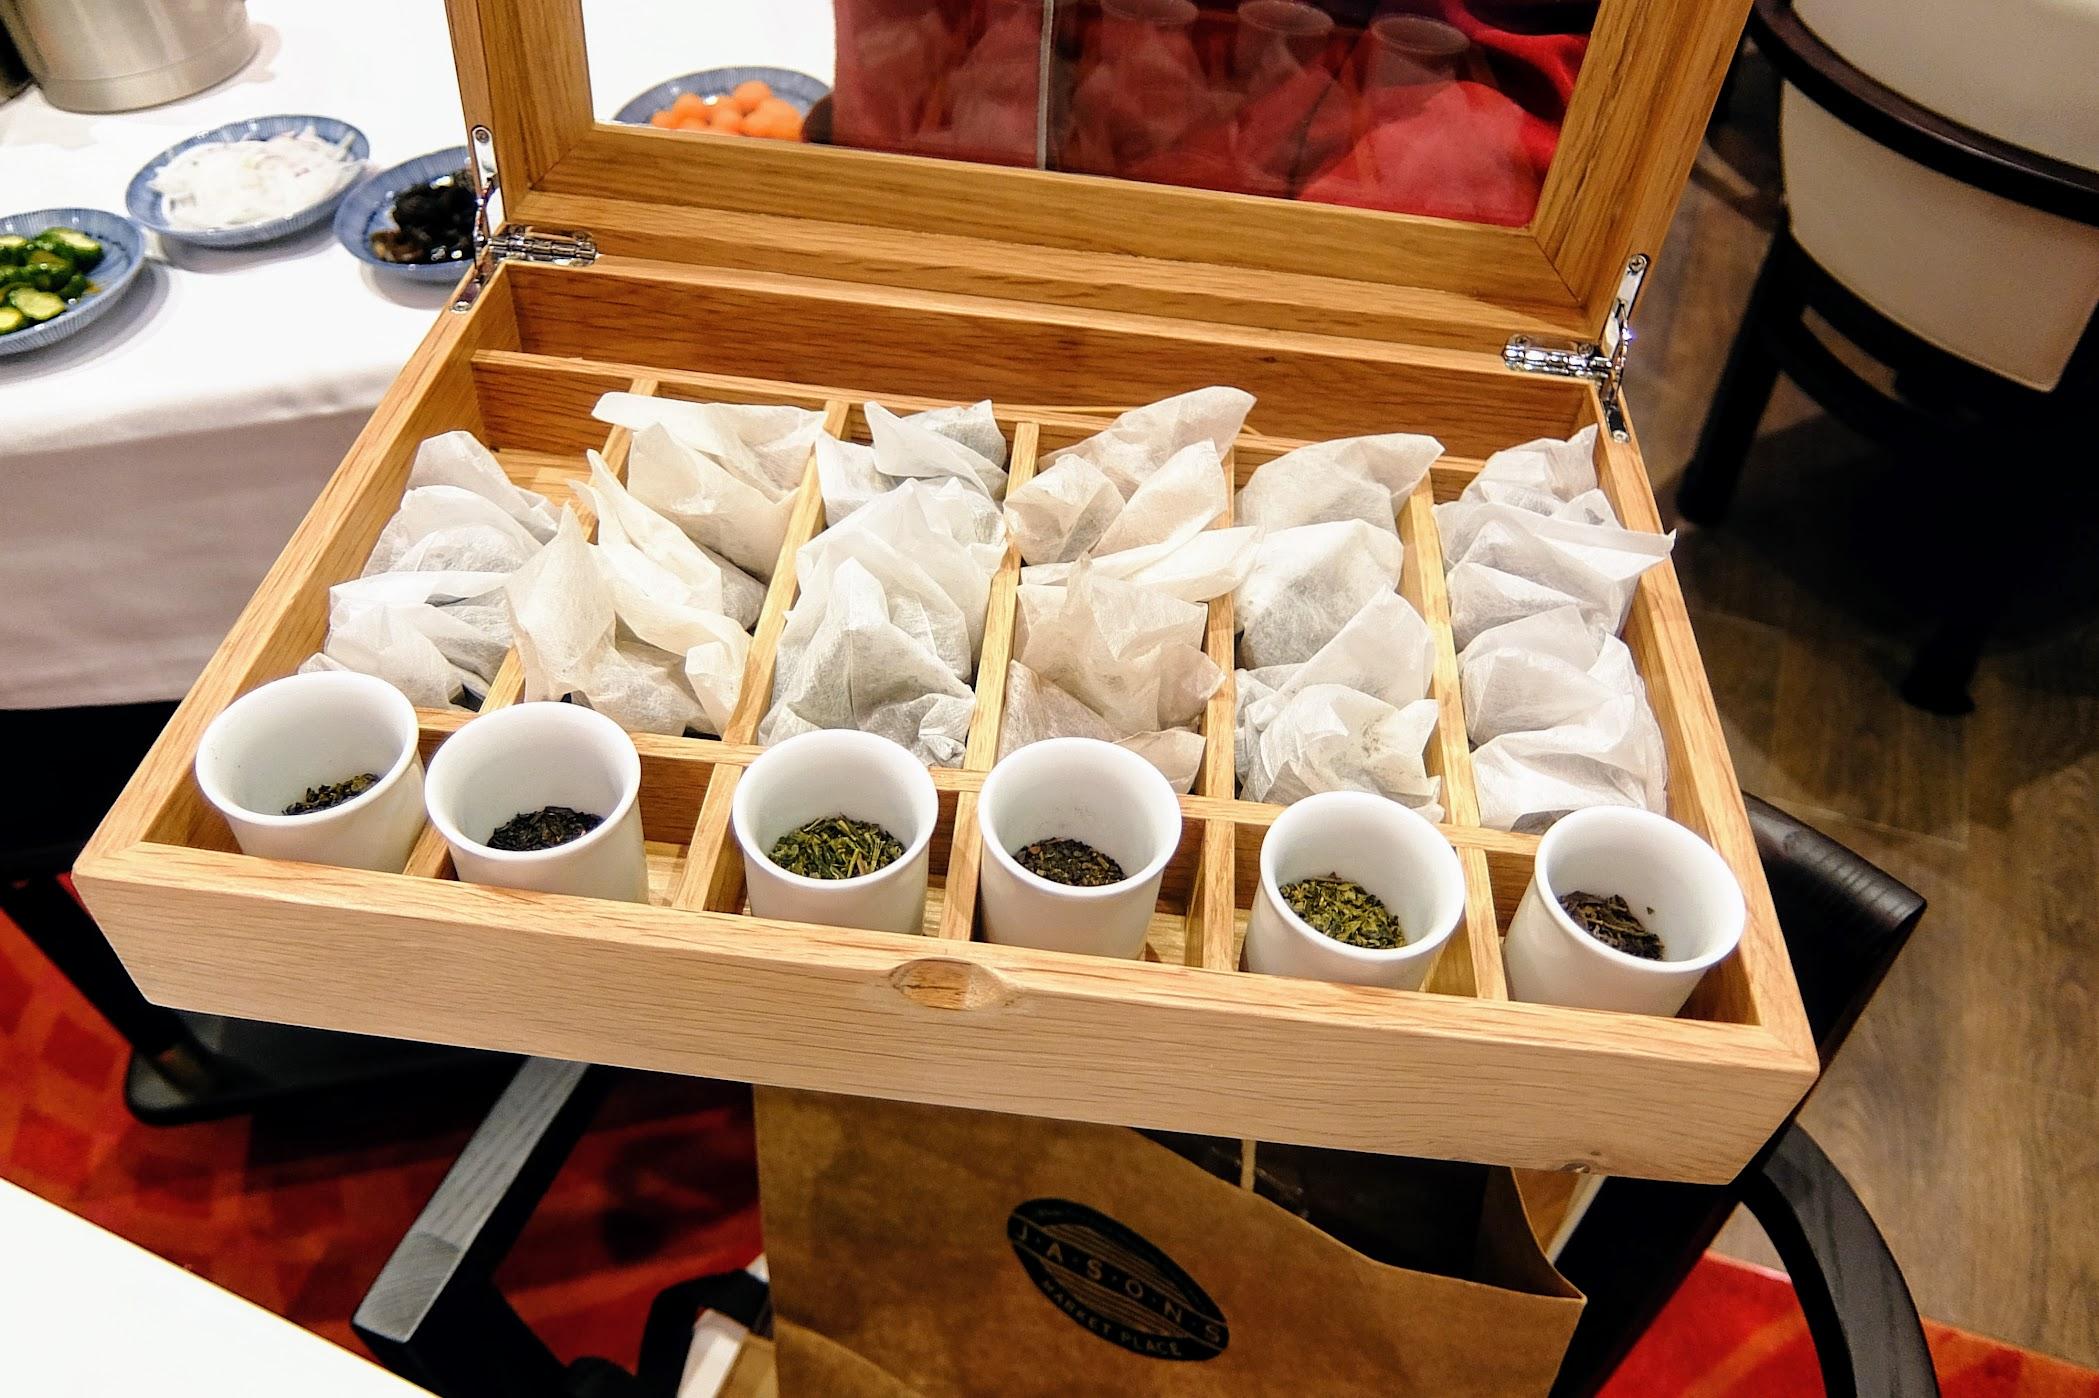 有很多種茶包和茶葉可以選擇